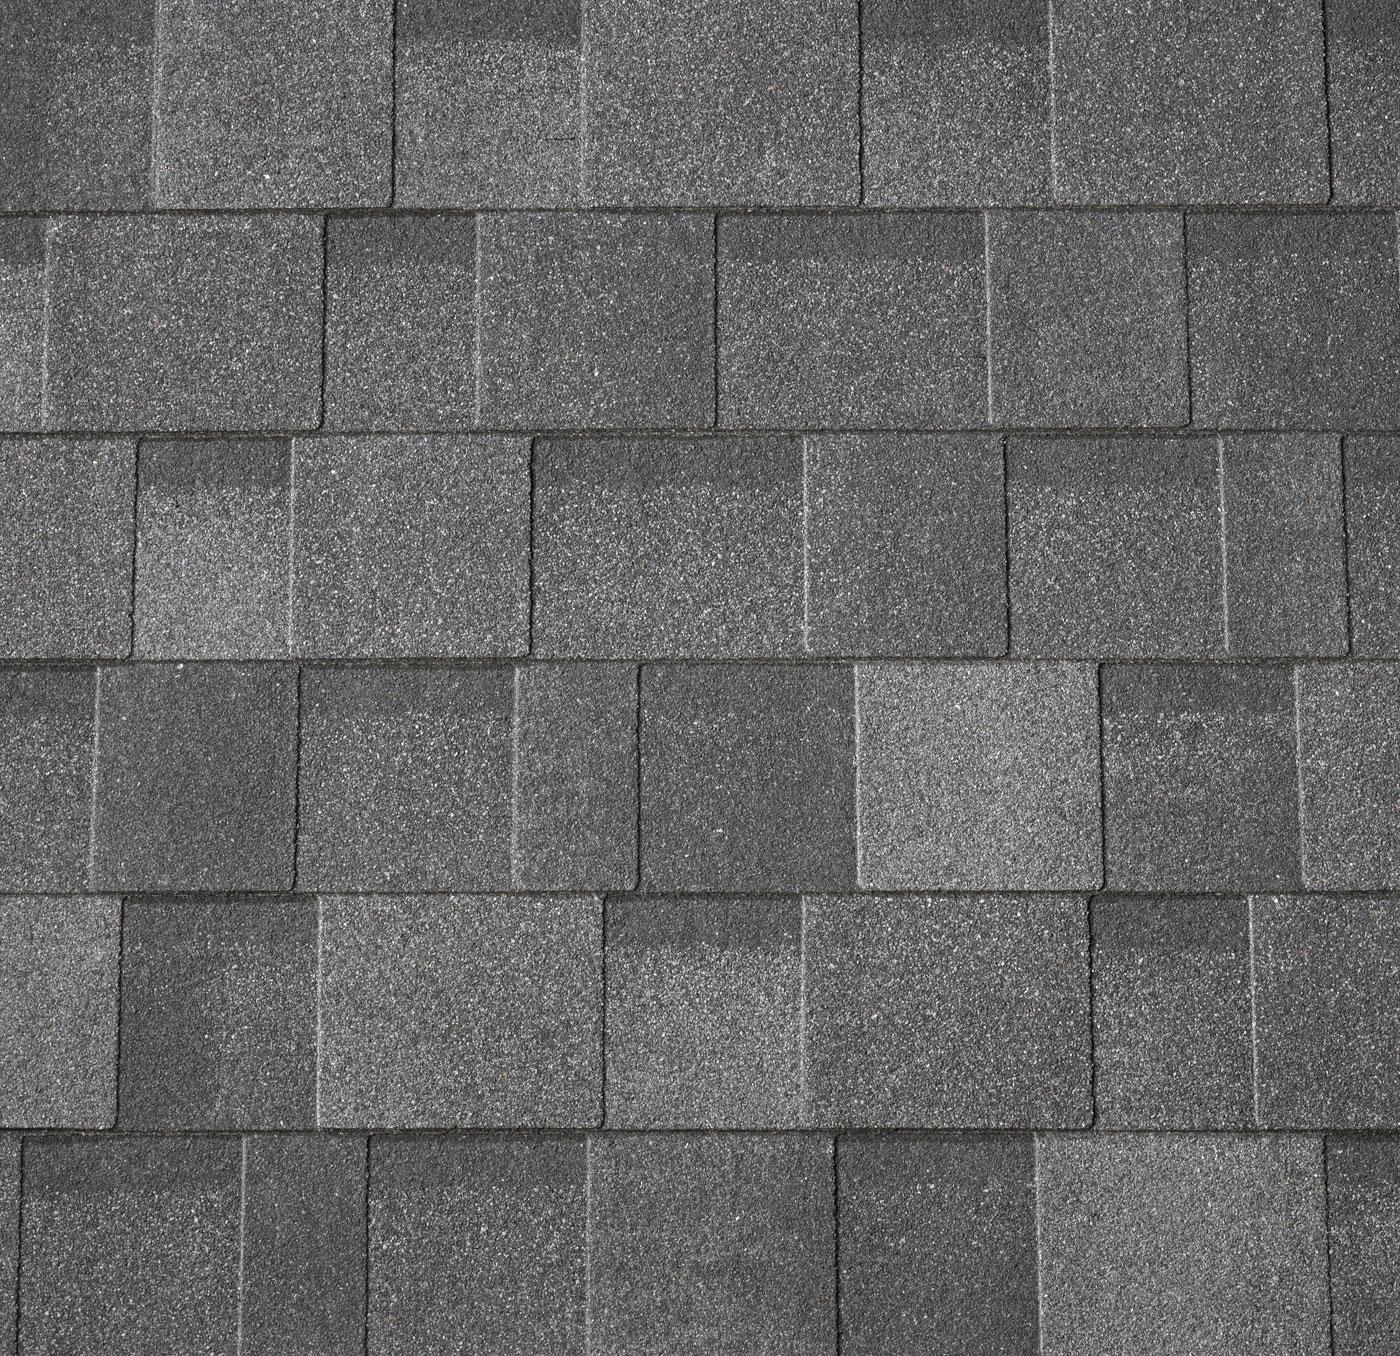 Šindel asfaltový IKO Cambridge Xpress 52 podvojná černá